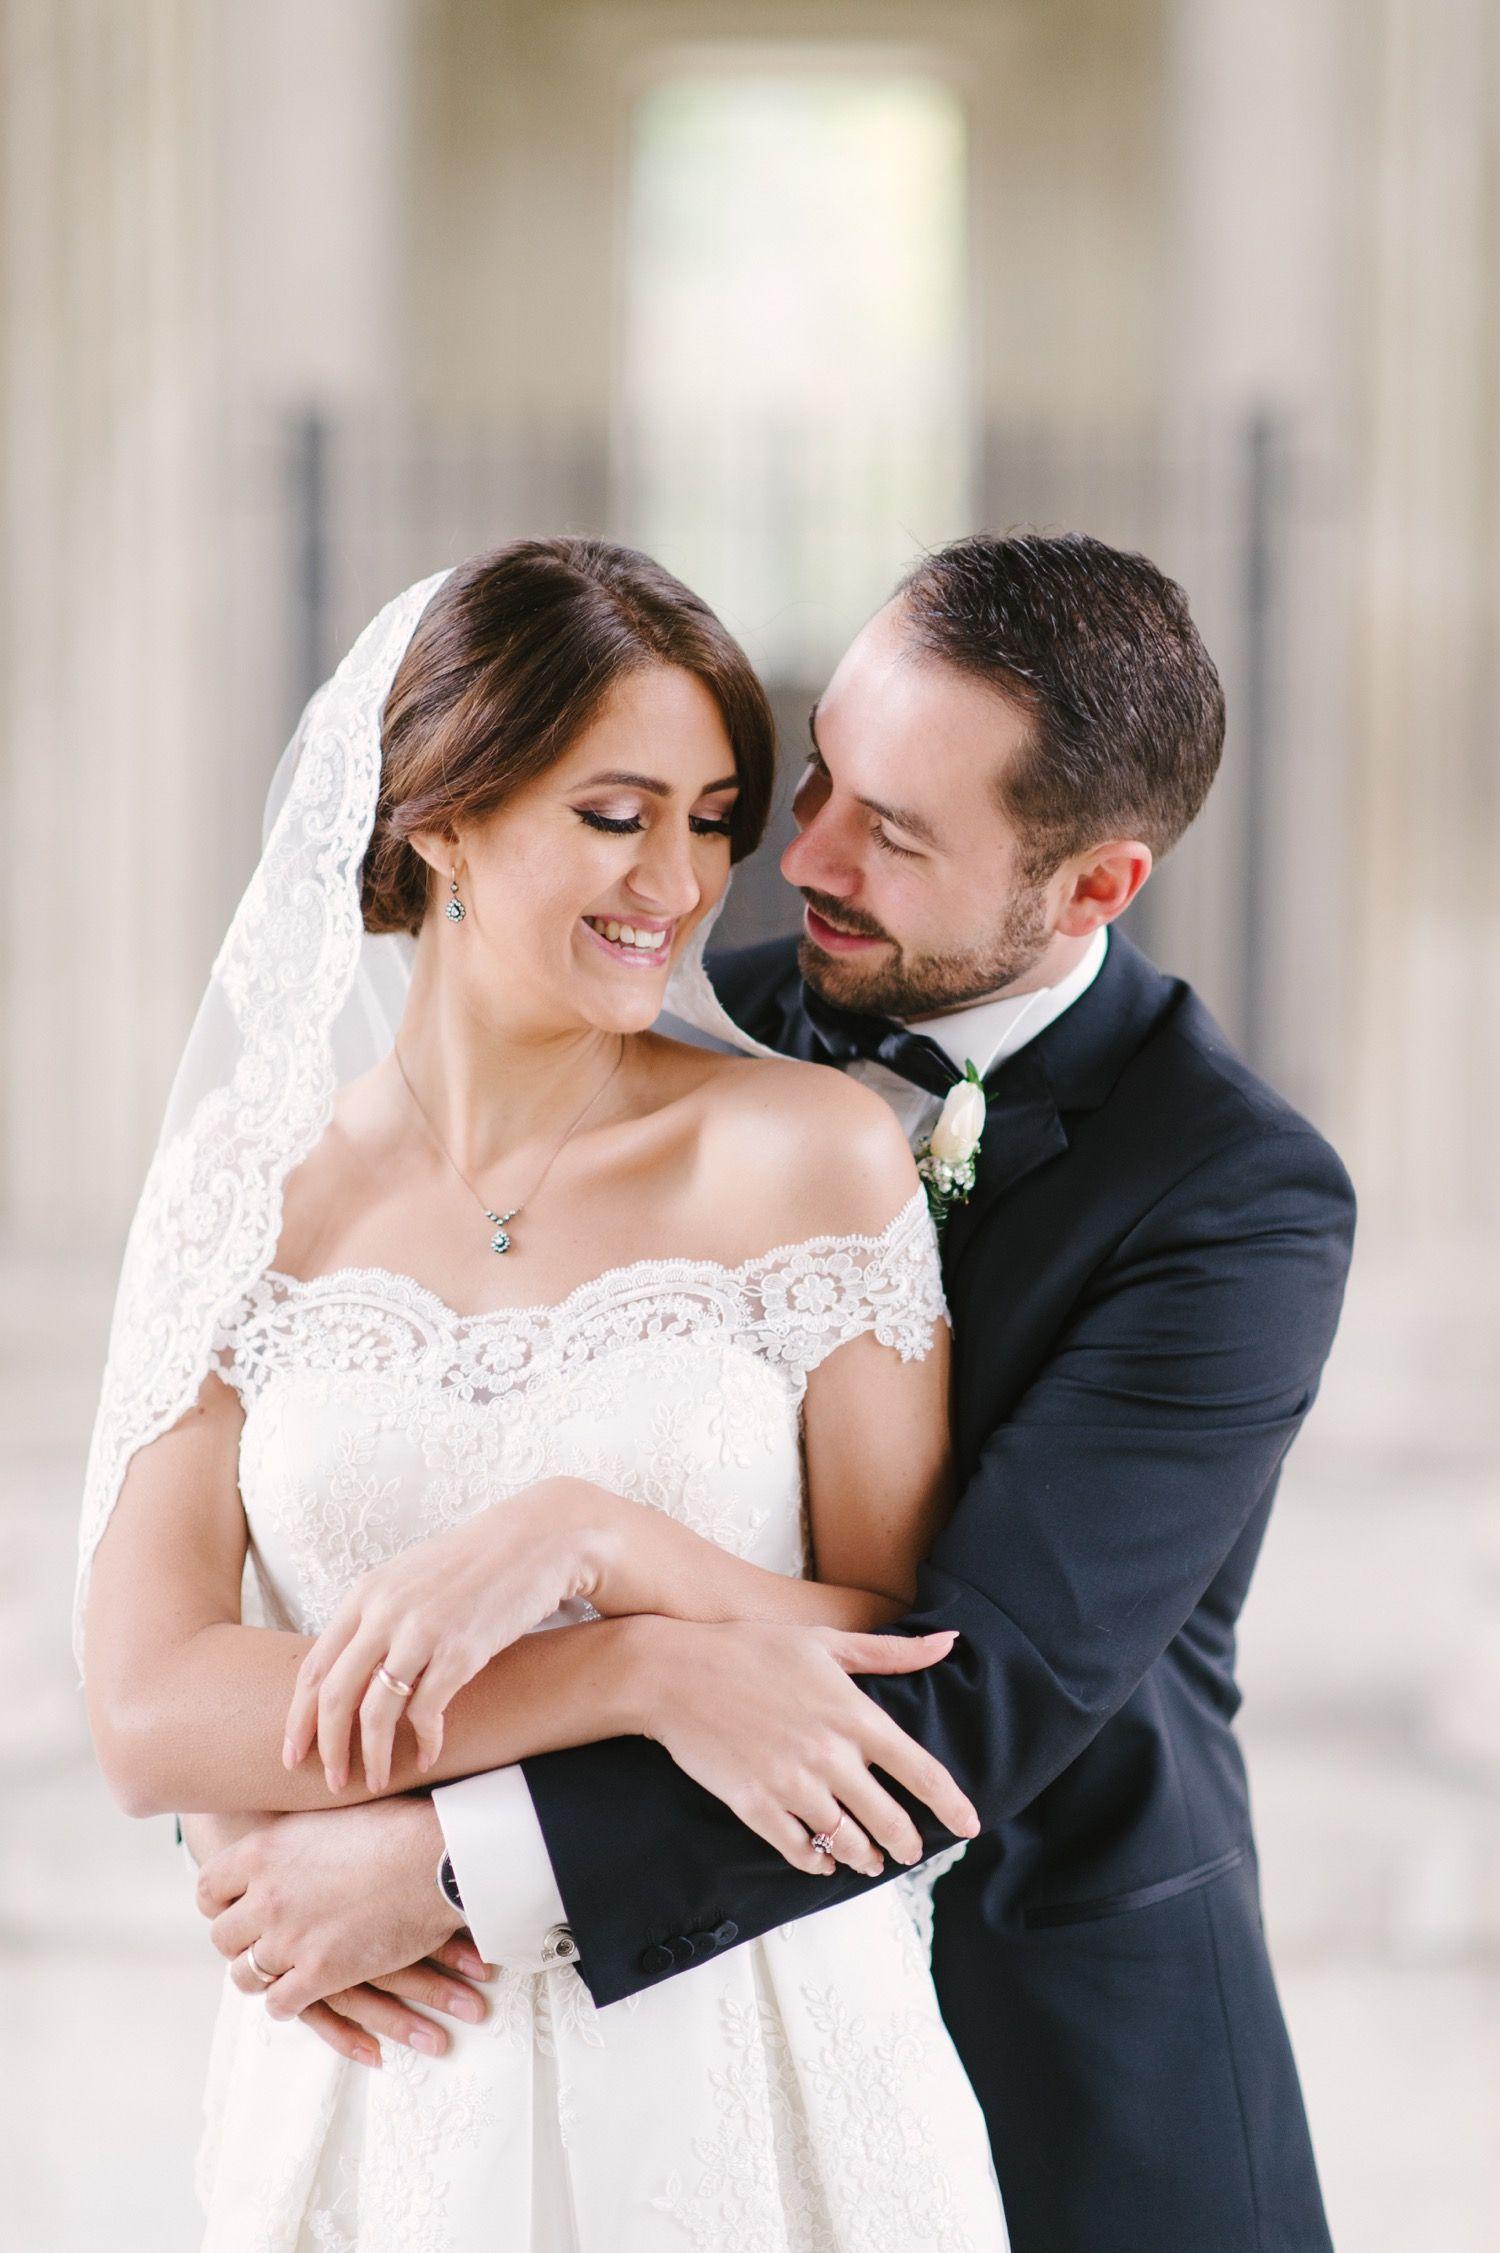 Evet Ich Will Hochzeitsblog Fur Turkische Und Deutsch Turkische Hochzeiten Spruche Hochzeit Spruche Gluck Wunsche Zur Hochzeit